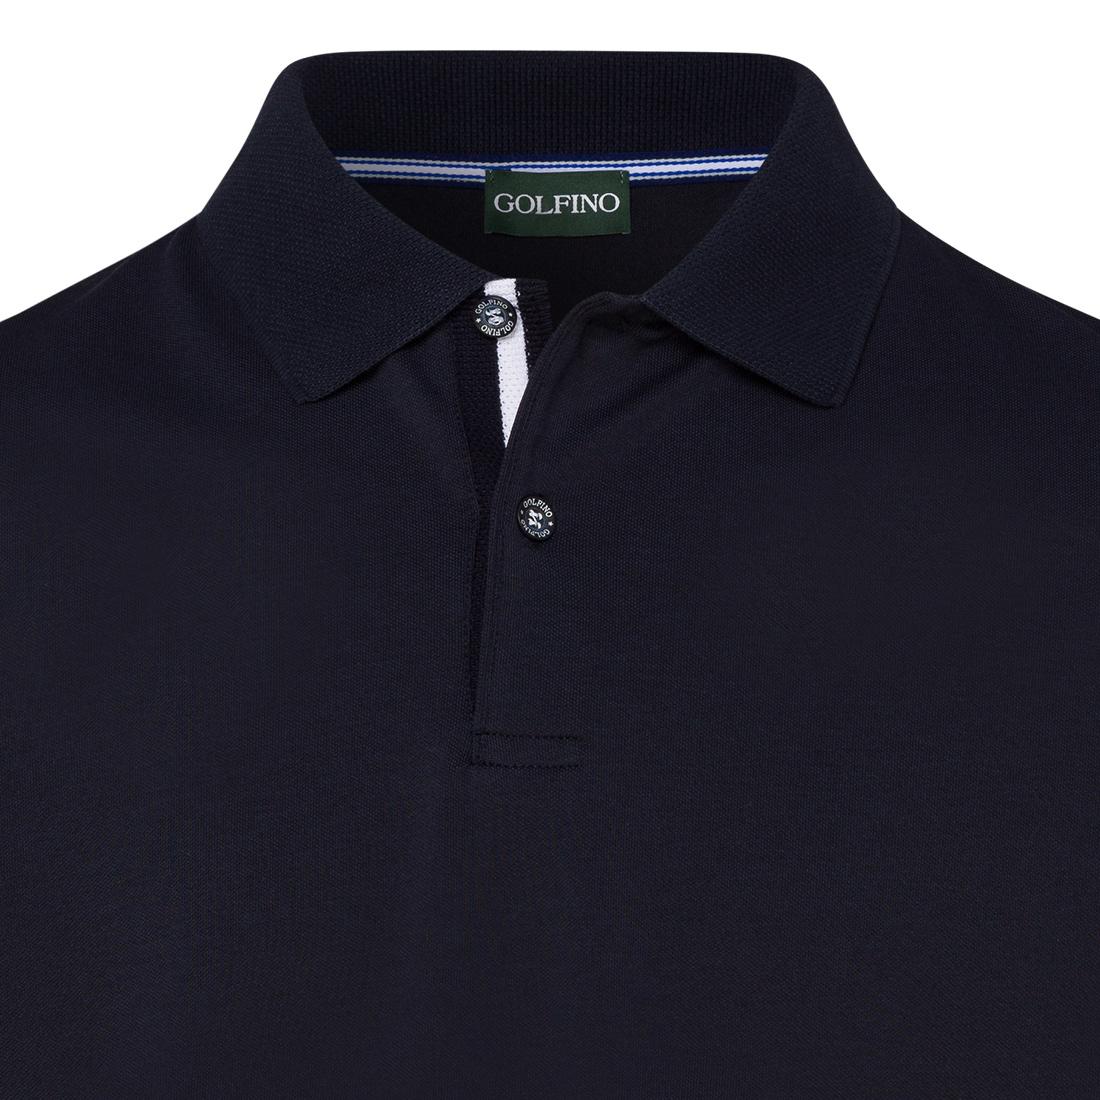 Kurzarm-Funktions-Polo für Herren